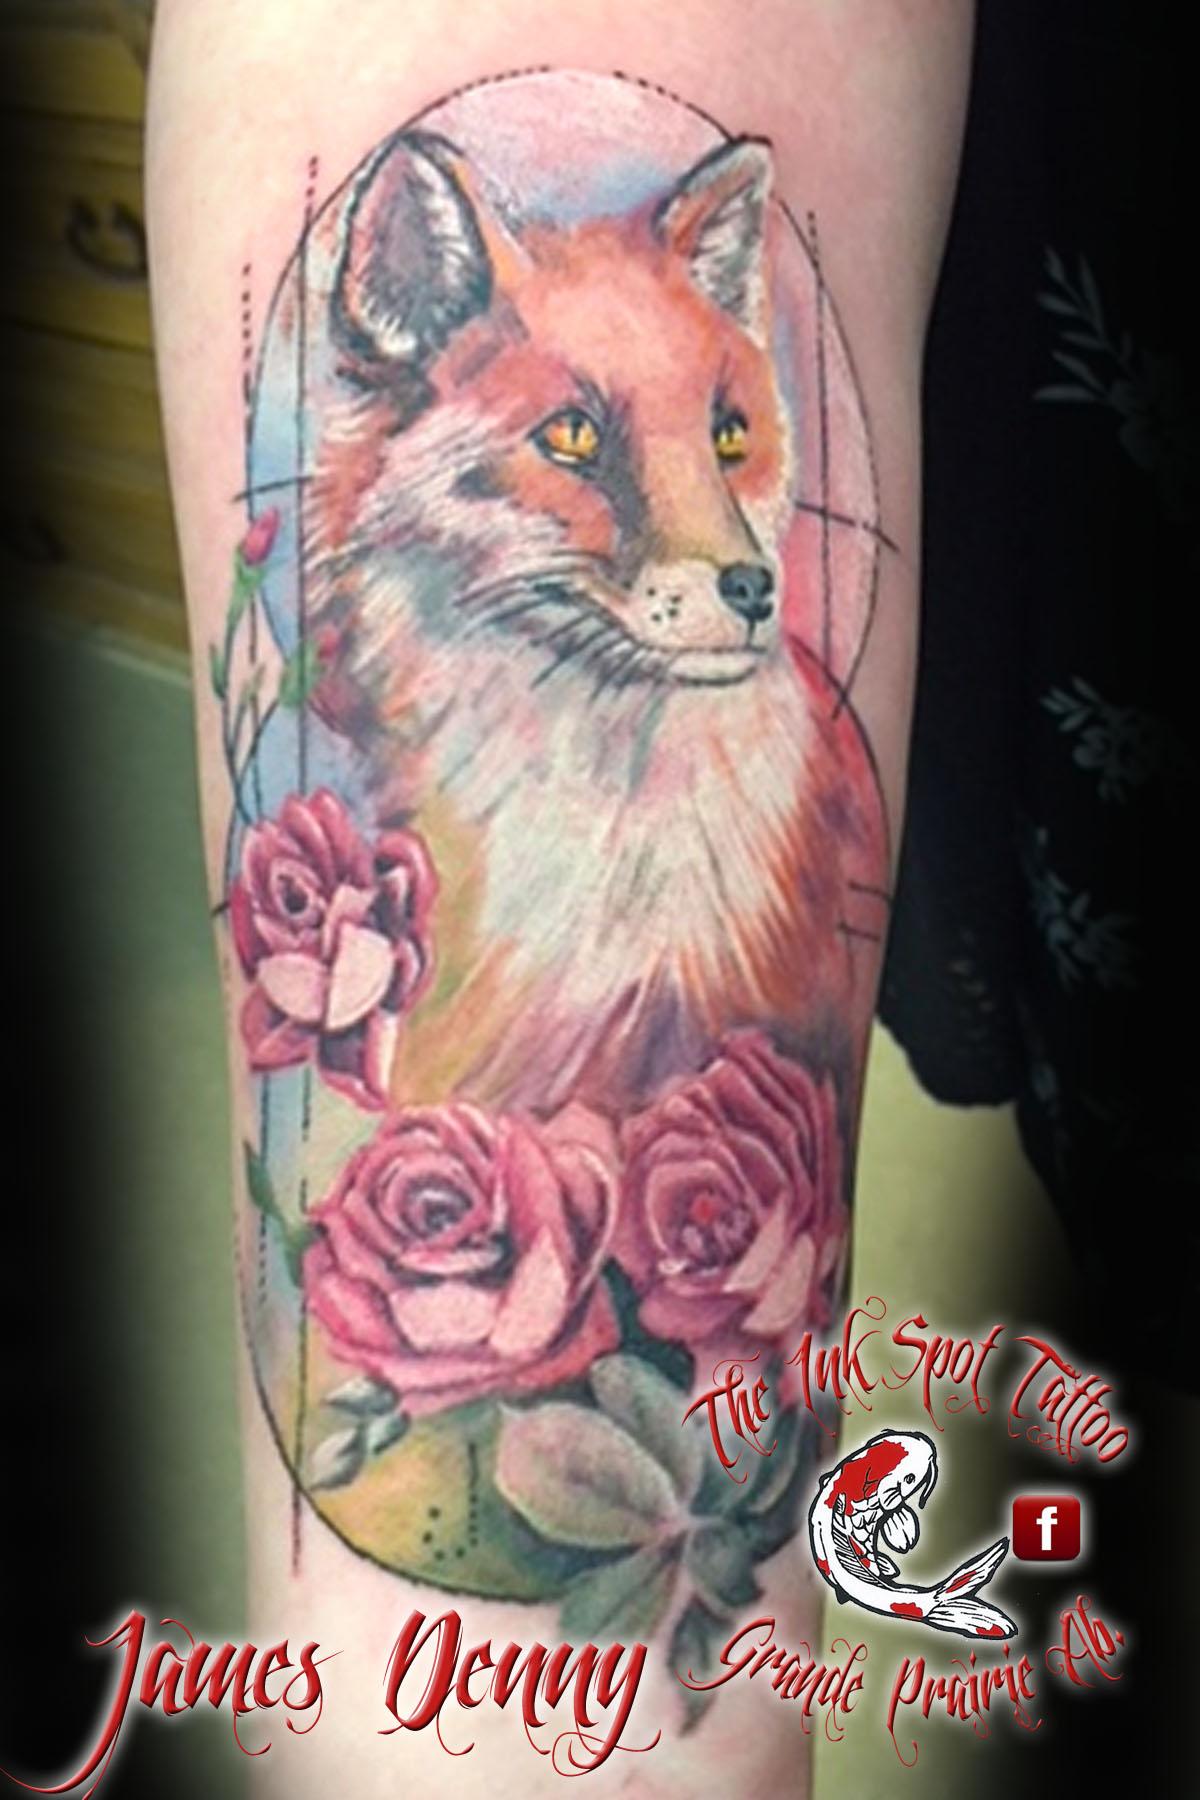 James Denny Tattoo 2019 Okanagan Tattoo Show & Brewfest Artist